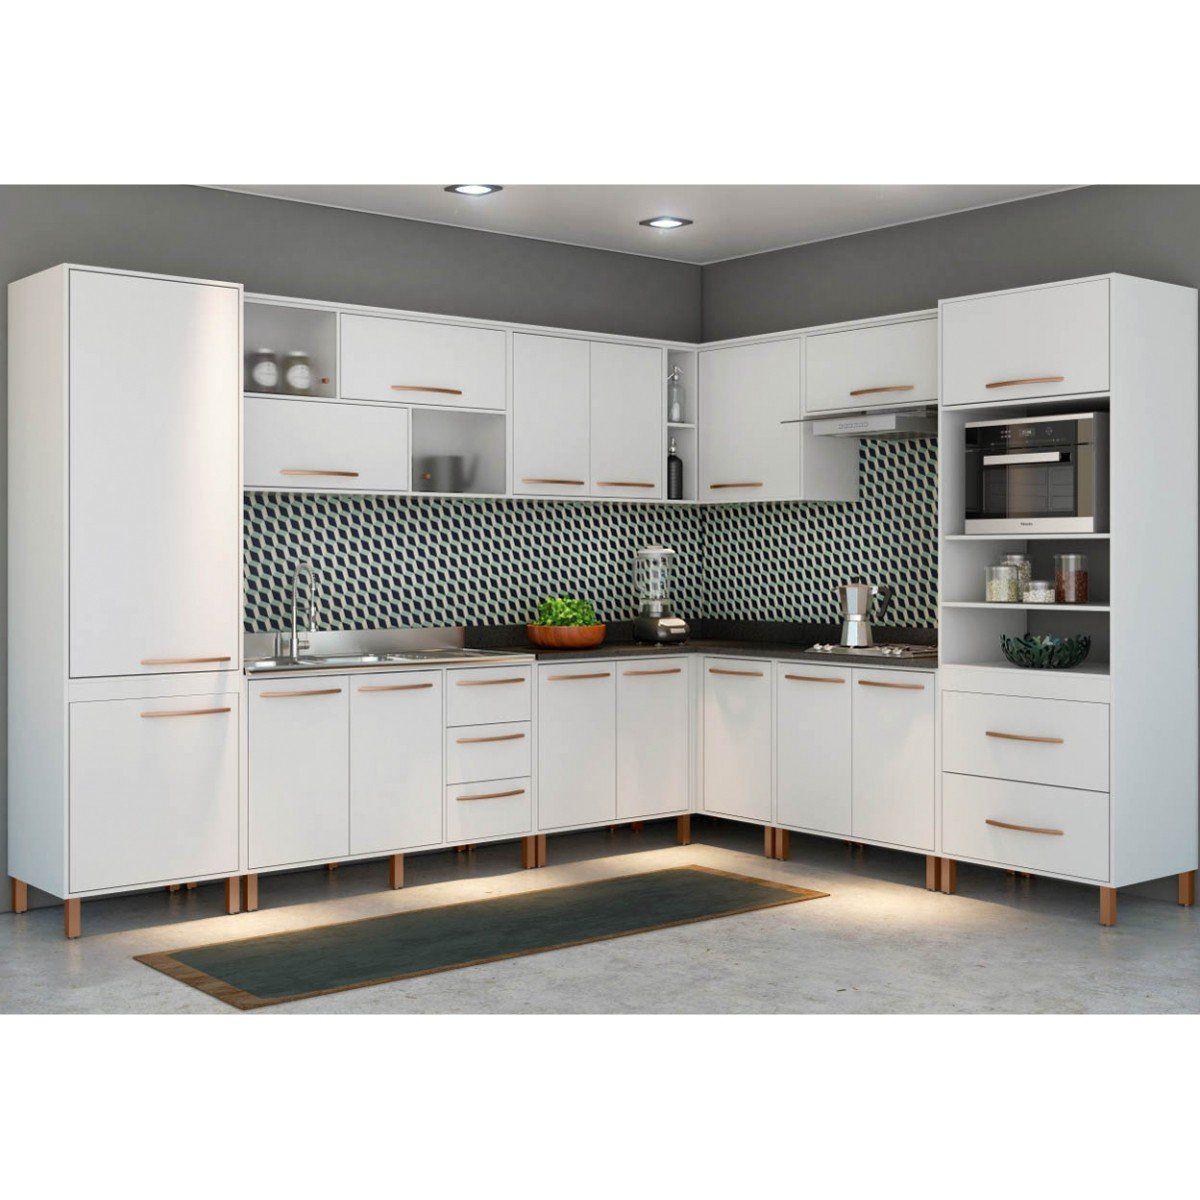 Cozinha Modulada Baunilha 10 Peças - Albatroz